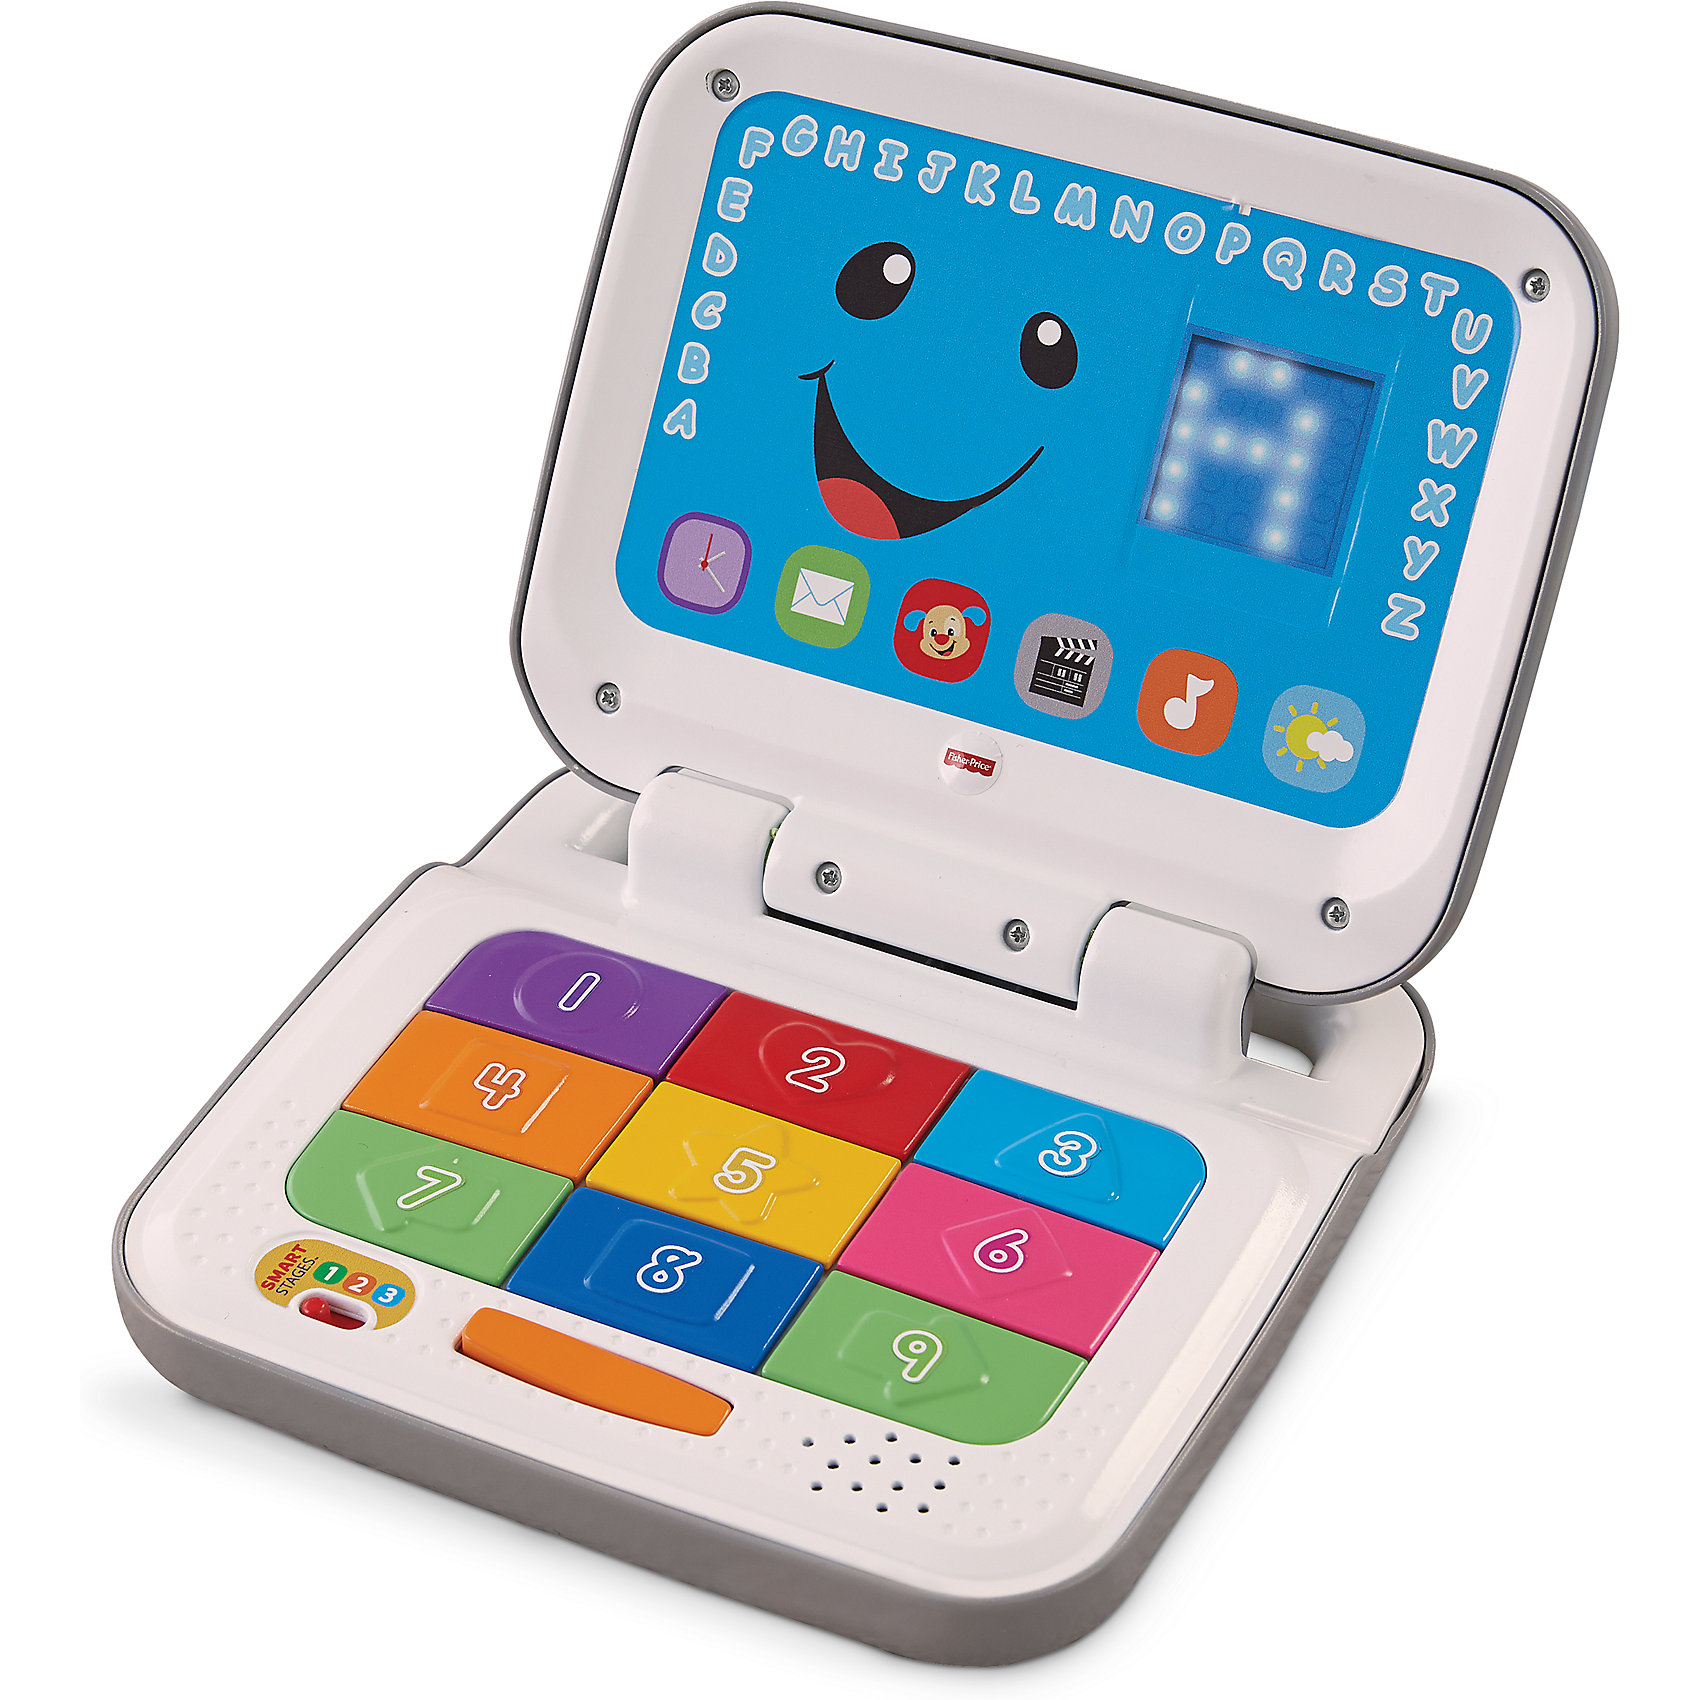 Обучающий ноутбук с технологией Smart Stages, Fisher PriceОбучающий ноутбук с технологией Smart Stages, Fisher Price - увлекательная развивающая игрушка, которая не даст Вашему ребенку заскучать и поможет освоить множество новых знаний. Яркий ноутбук с разноцветными кнопочками обладает множеством обучающих функций и программ. Его уникальная особенность - это технология Smart Stages, позволяющая выбирать развивающую программу в зависимости от возраста и знаний малыша. По мере роста малыша уровень обучающих материалов усложняется. Всего в игрушке имеется 3 уровня, поменять которые можно с помощью переключателя: Уровень 1 (6 месяцев и старше) - изучаем (первые слова и фразы), Уровень 2 (12 месяцев и старше) - побуждаем (вопросы служат малышу подсказками), Уровень 3 (18 месяцев и старше) - притворяемся (развитие воображения через веселые ролевые игры). <br><br>Ребенок может играть в игры на воображение, нажимая на клавиши или отправляя электронную почту. Нажимая на девять разноцветных кнопок и клавишу пробел, ребенок услышит песни и фразы о буквах, цифрах, цветах и многом другом. А открывая и закрывая крышку можно услышать антонимы. Во время игры на светодиодном экране возникают интересные картинки и узоры. Также в ноутбуке более 30 разнообразных веселых песен, мелодий и фраз, разбитых по трем уровням. Ноутбук имеет компактные размеры и оснащен удобной ручкой для переноски, что позволяет брать его с собой на прогулки и в поездки. <br><br>Дополнительная информация:<br><br>- Материал: пластик.<br>- Требуются батарейки: 2 х 1,5V АА (в комплекте демонстрационные).<br>- Возраст: 6 - 36 мес.<br>- Размер игрушки: 32 х 20 х 2,5 см.<br>- Размер упаковки: 33 x 24 x 6 см.<br>- Вес: 0,67 кг.<br><br>Обучающий ноутбук с технологией Smart Stages, Fisher Price, можно купить в нашем интернет-магазине.<br><br>Ширина мм: 330<br>Глубина мм: 240<br>Высота мм: 60<br>Вес г: 769<br>Возраст от месяцев: 6<br>Возраст до месяцев: 24<br>Пол: Унисекс<br>Возраст: Детский<br>SKU: 4302729